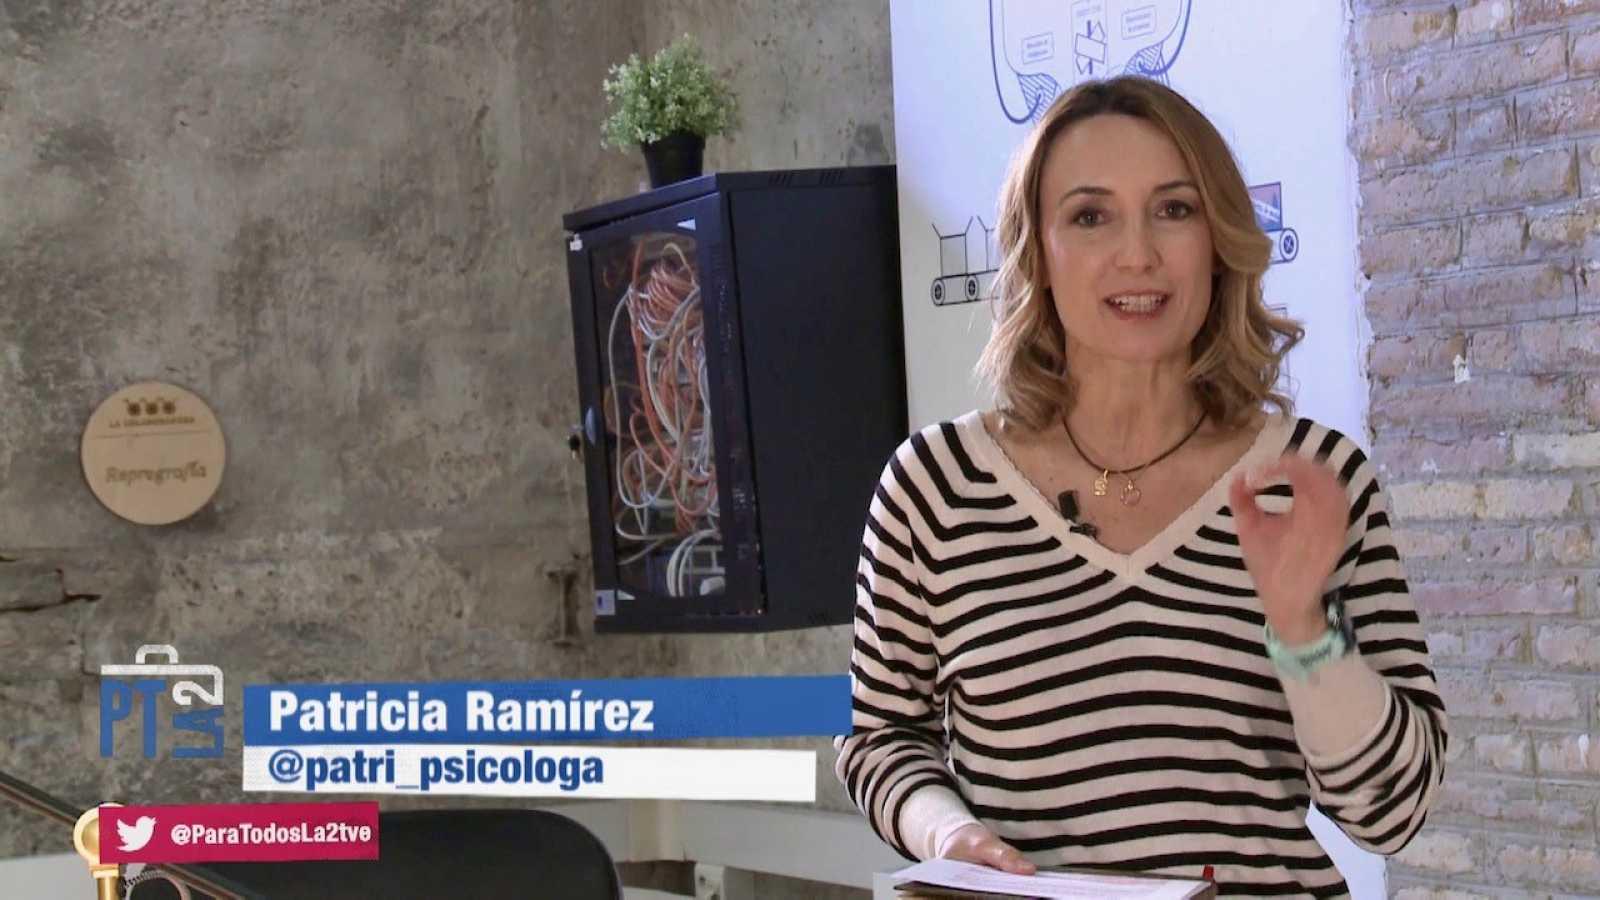 ¿Estudias o trabajas en lo que deseas? Patricia Ramírez